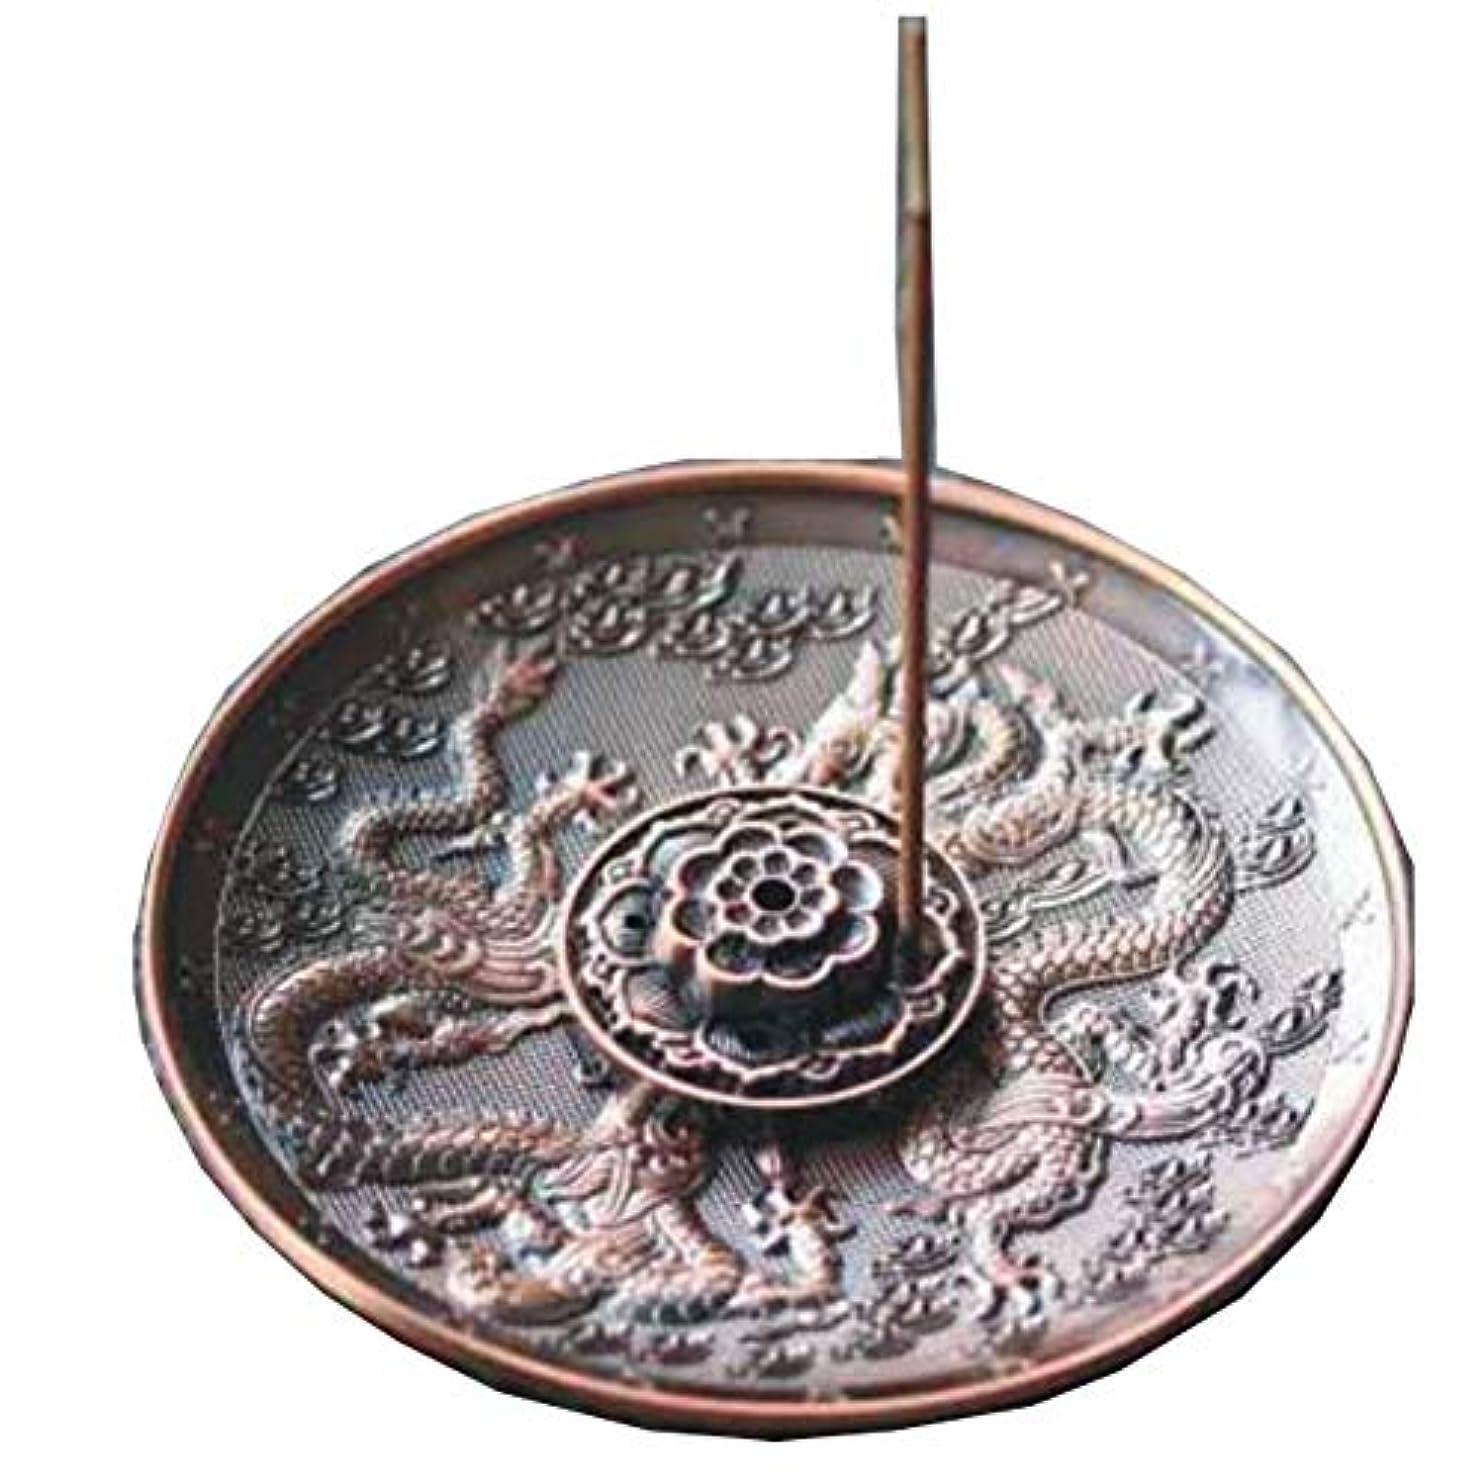 杭許容できる質量[RADISSY] お香立て 香炉 香皿 スティック 円錐 タイプ お香 スタンド 龍のデザイン (赤胴色9穴)